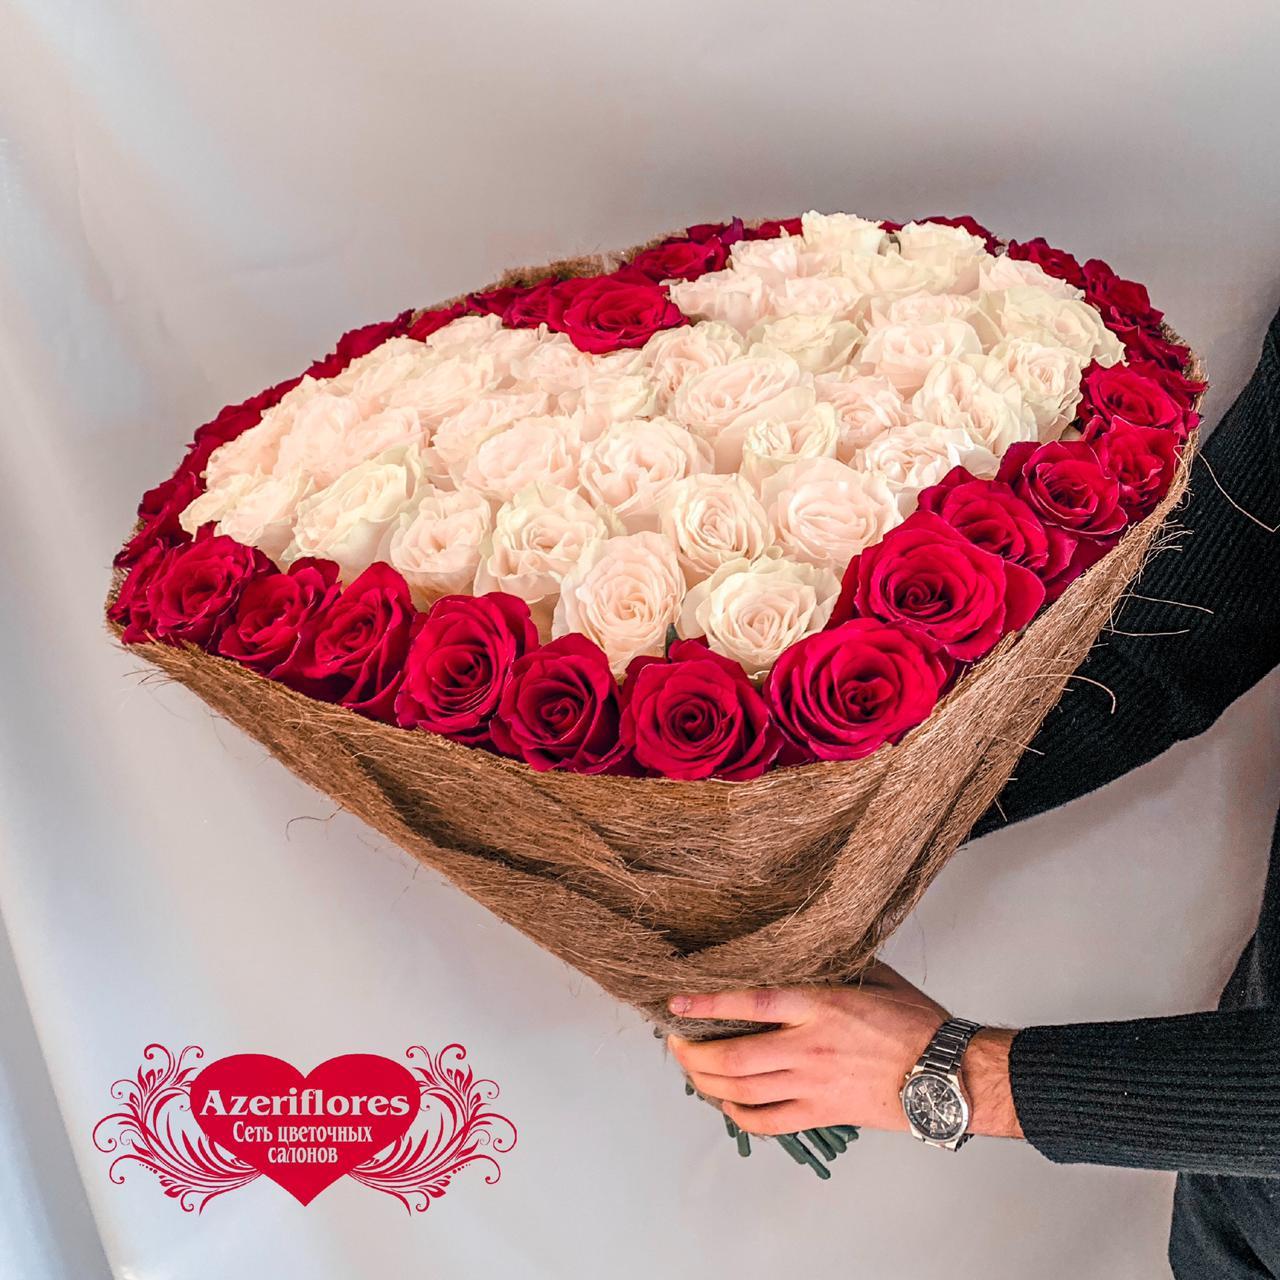 Букет в виде сердца ростов на дону, цветов